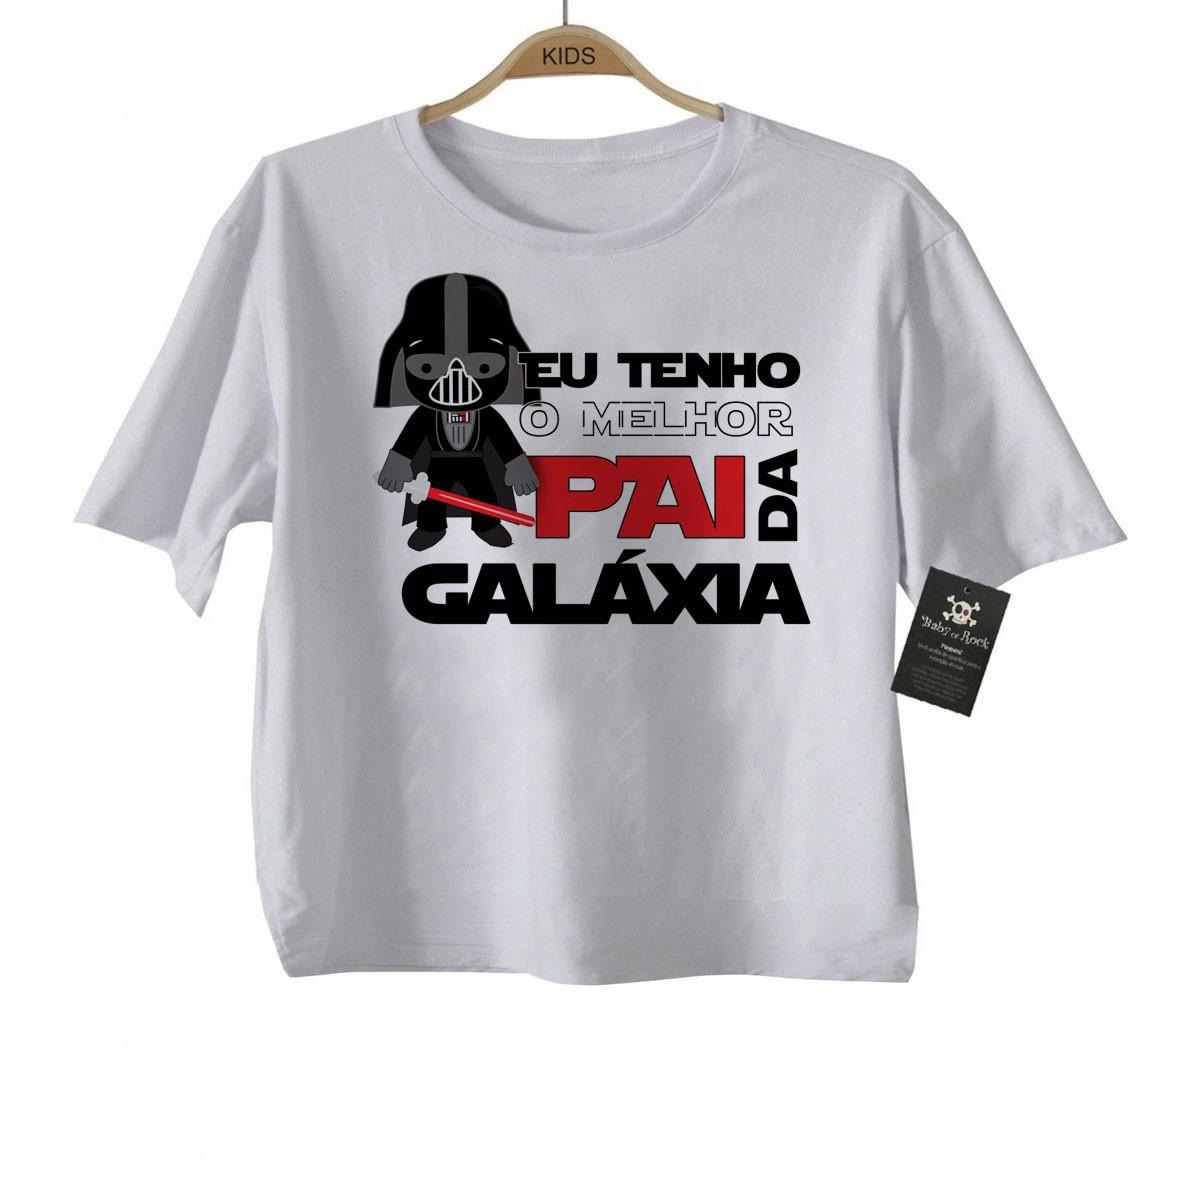 Camiseta  Infantil - Eu tenho o Melhor pai da Galáxia - White   - Baby Monster S/A